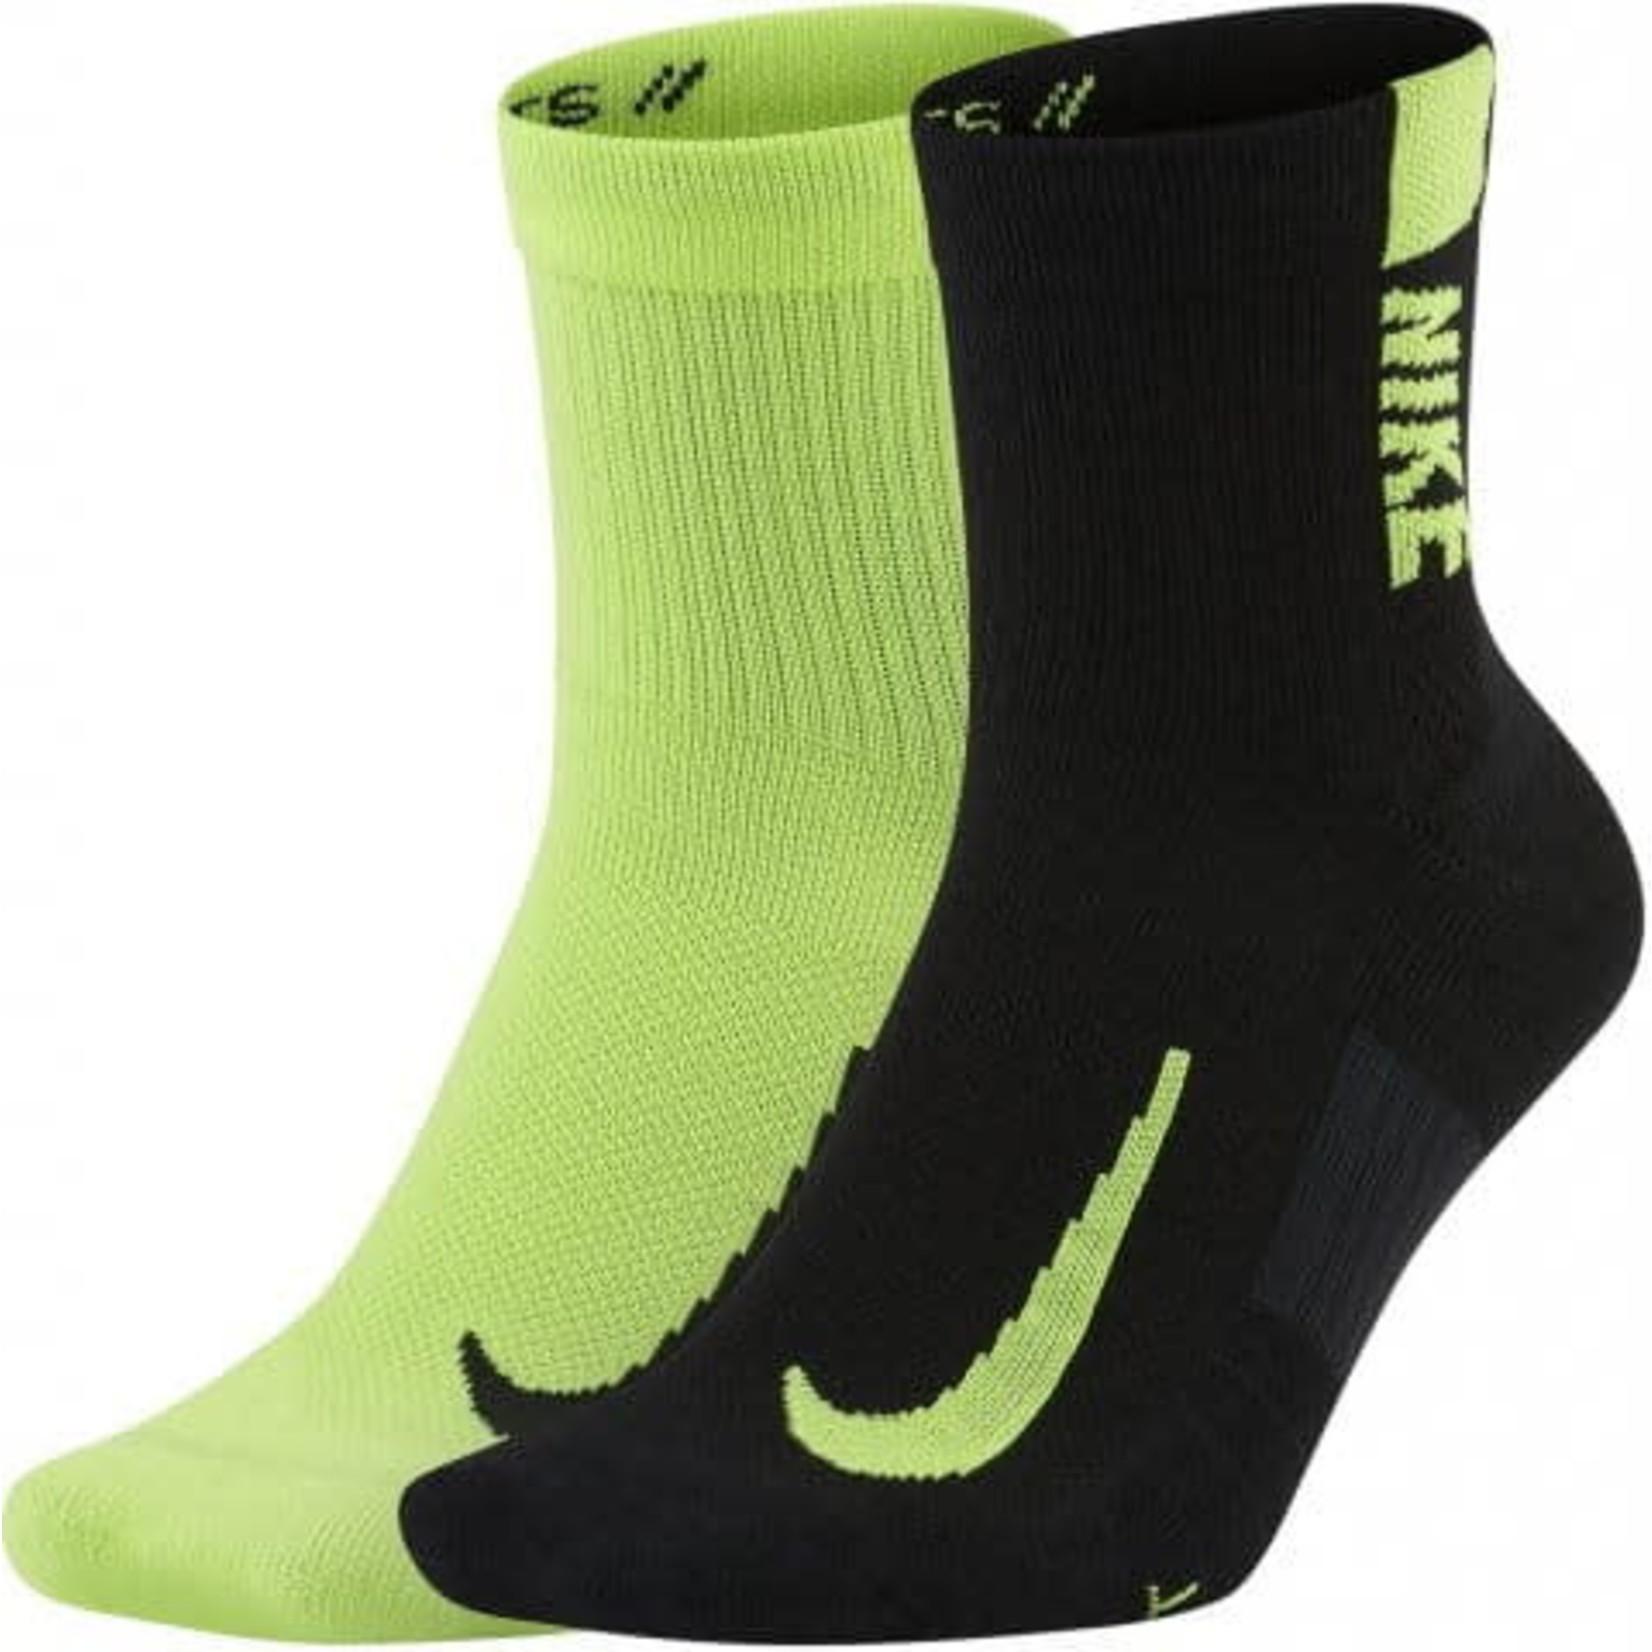 Nike Nike Socks, Multiplier Ankle, 2-Pack